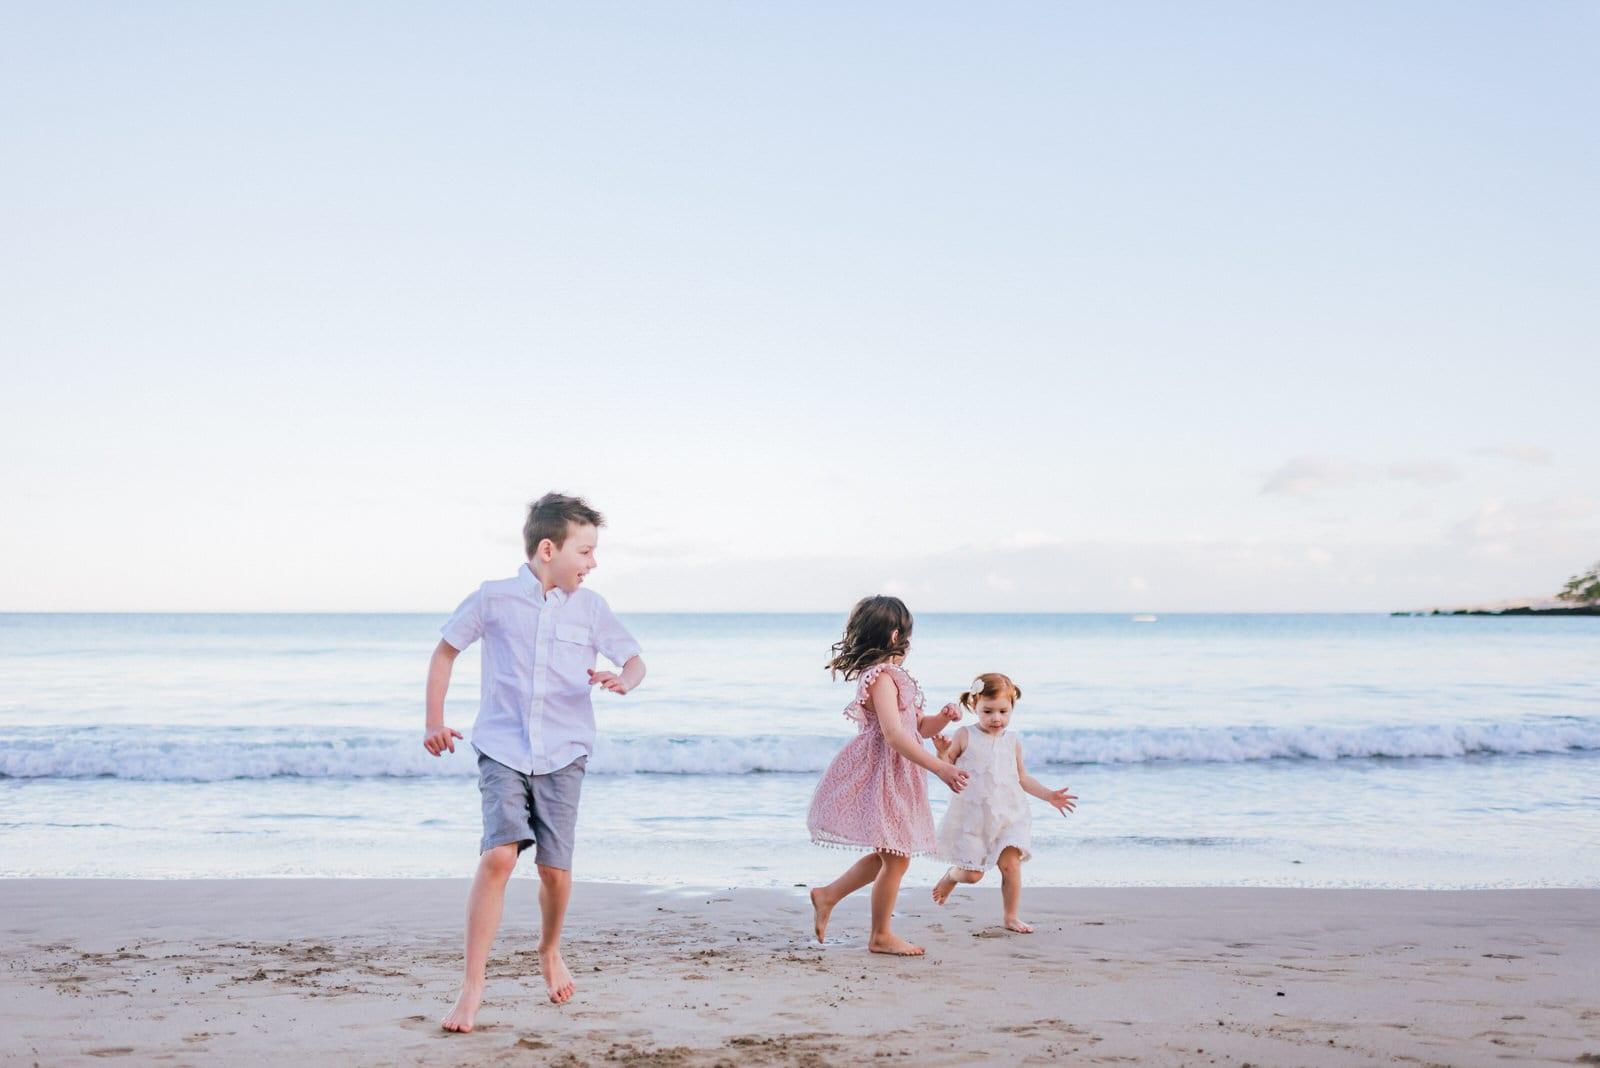 beach-family-photos-sunrise-hawaii-photographers-18.jpg